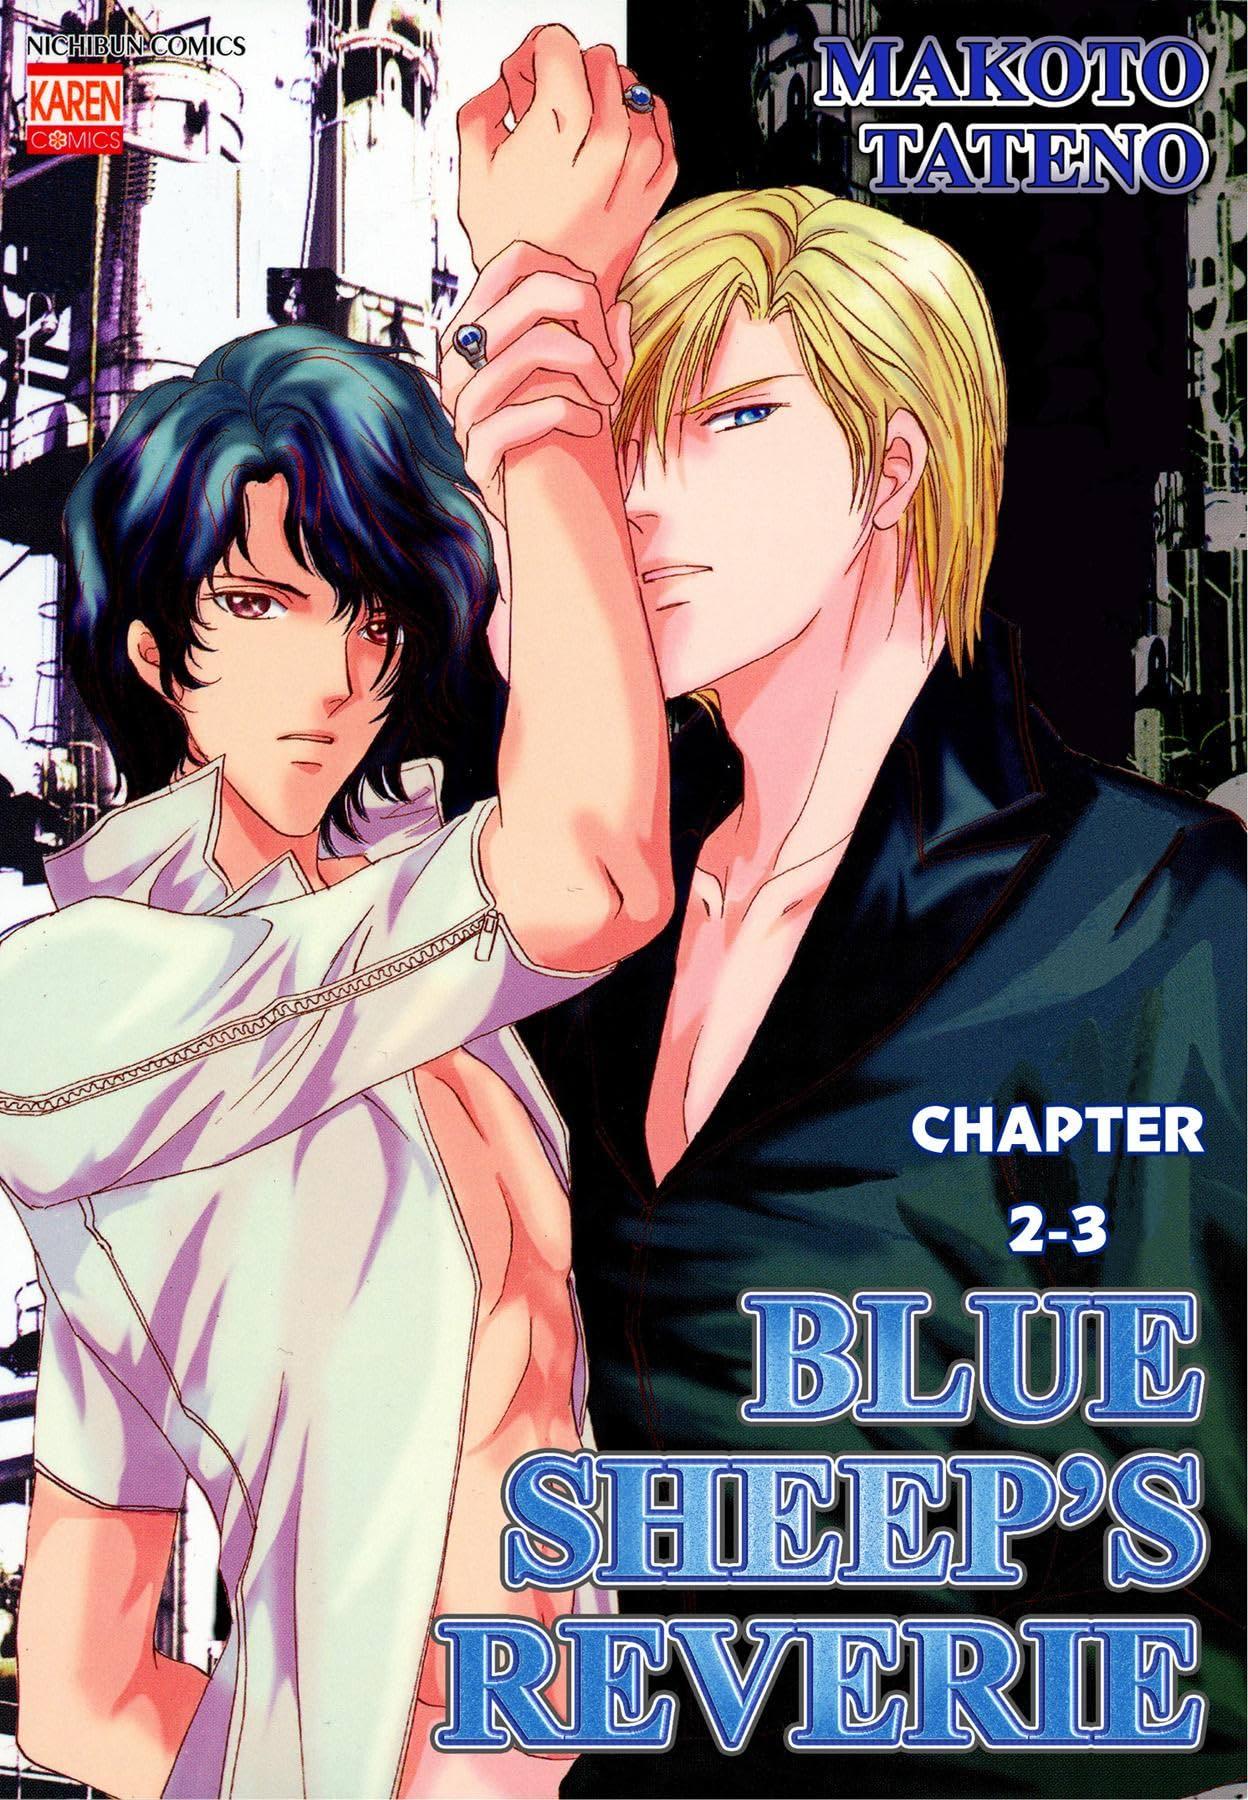 BLUE SHEEP'S REVERIE #6